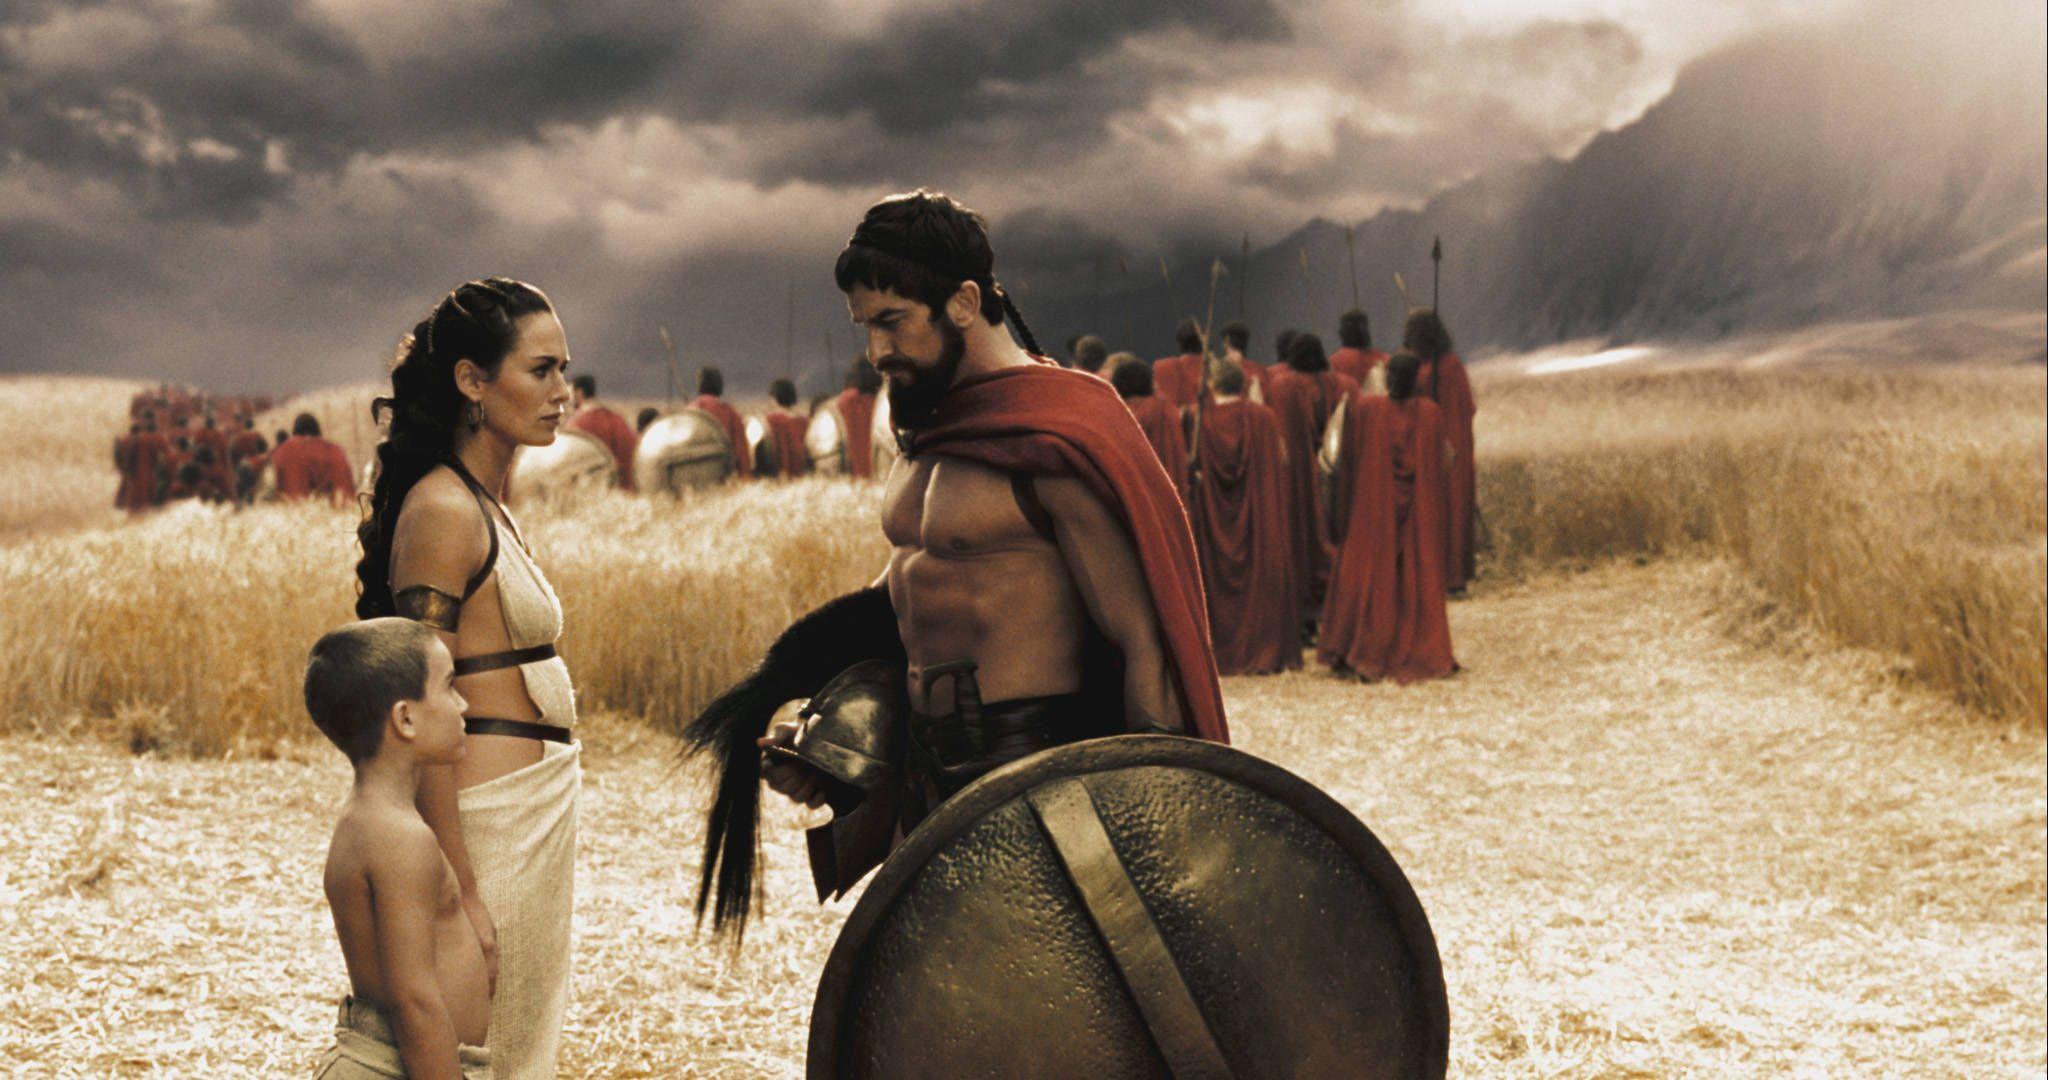 300 Full Movie >> Leonidas Quotes Gorgo Queen Of Sparta 300 2208848 Hd